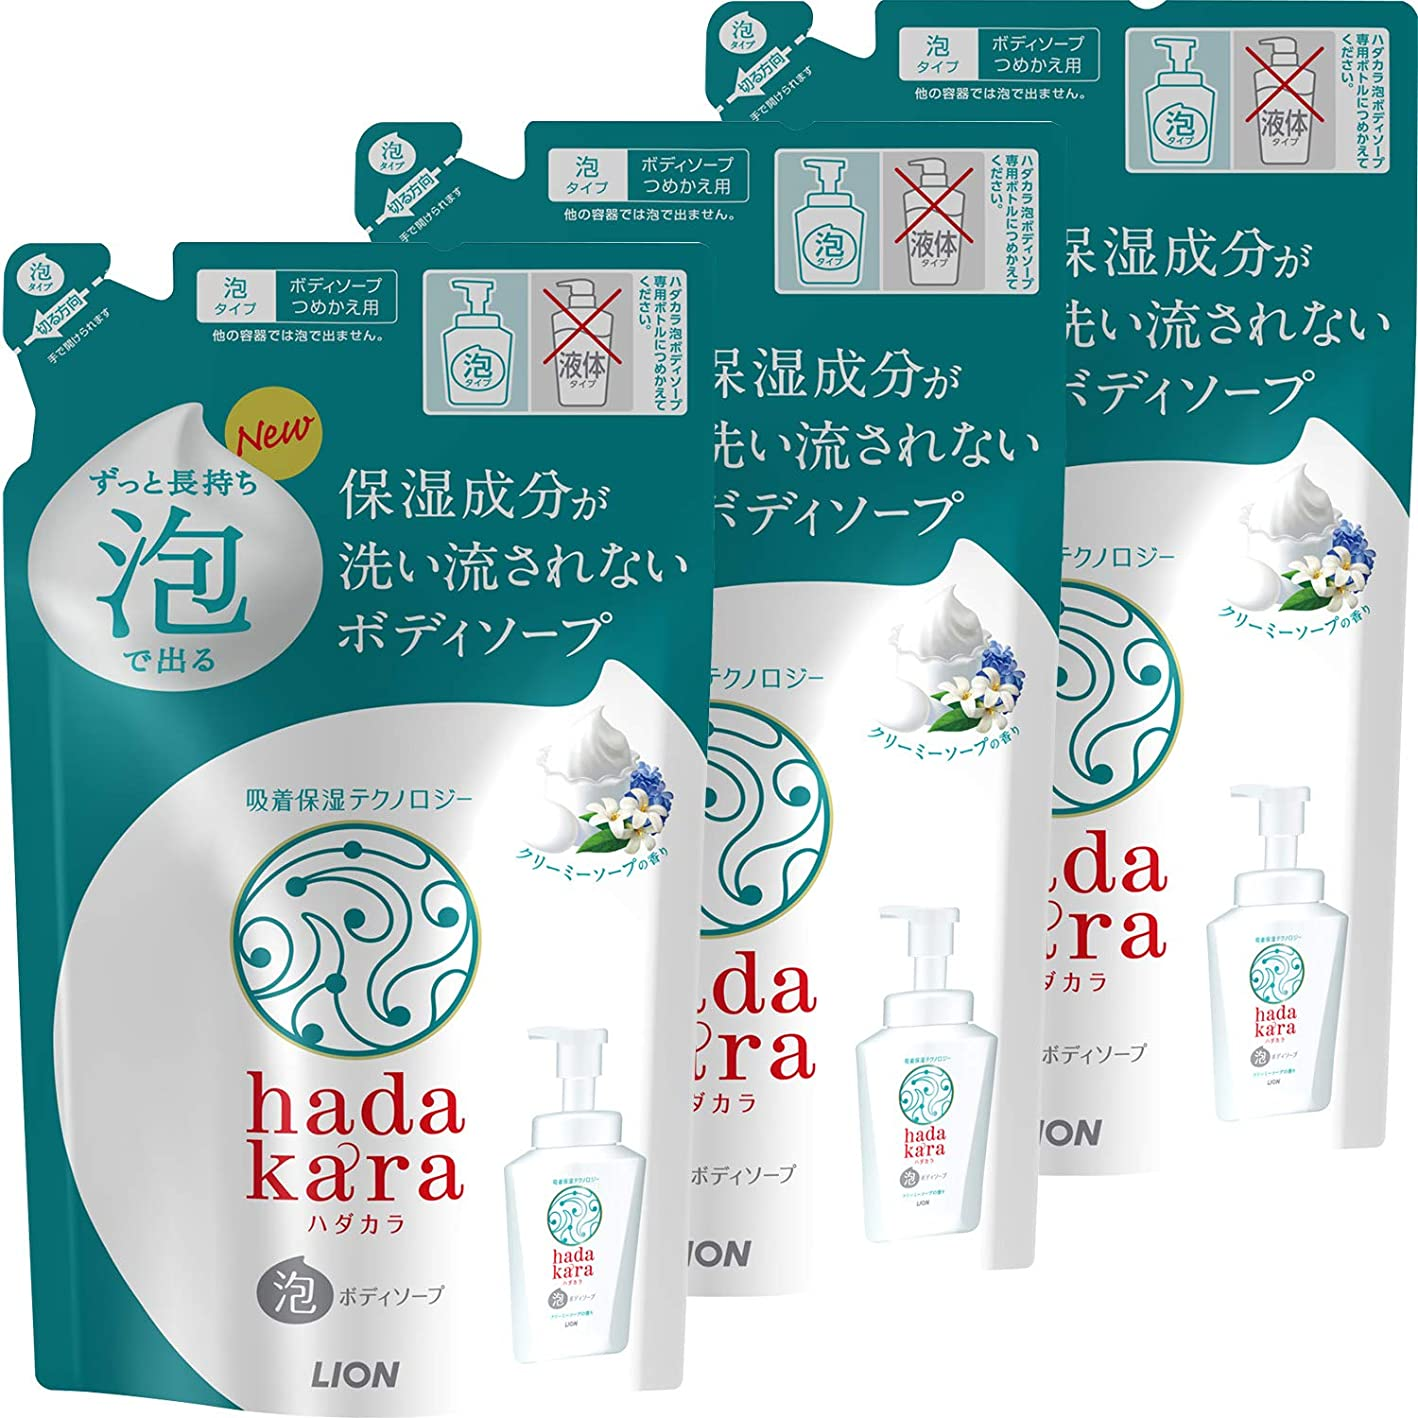 亡命苦悩想像するhadakara(ハダカラ) ボディソープ 泡タイプ クリーミーソープの香り 詰替440ml×3個